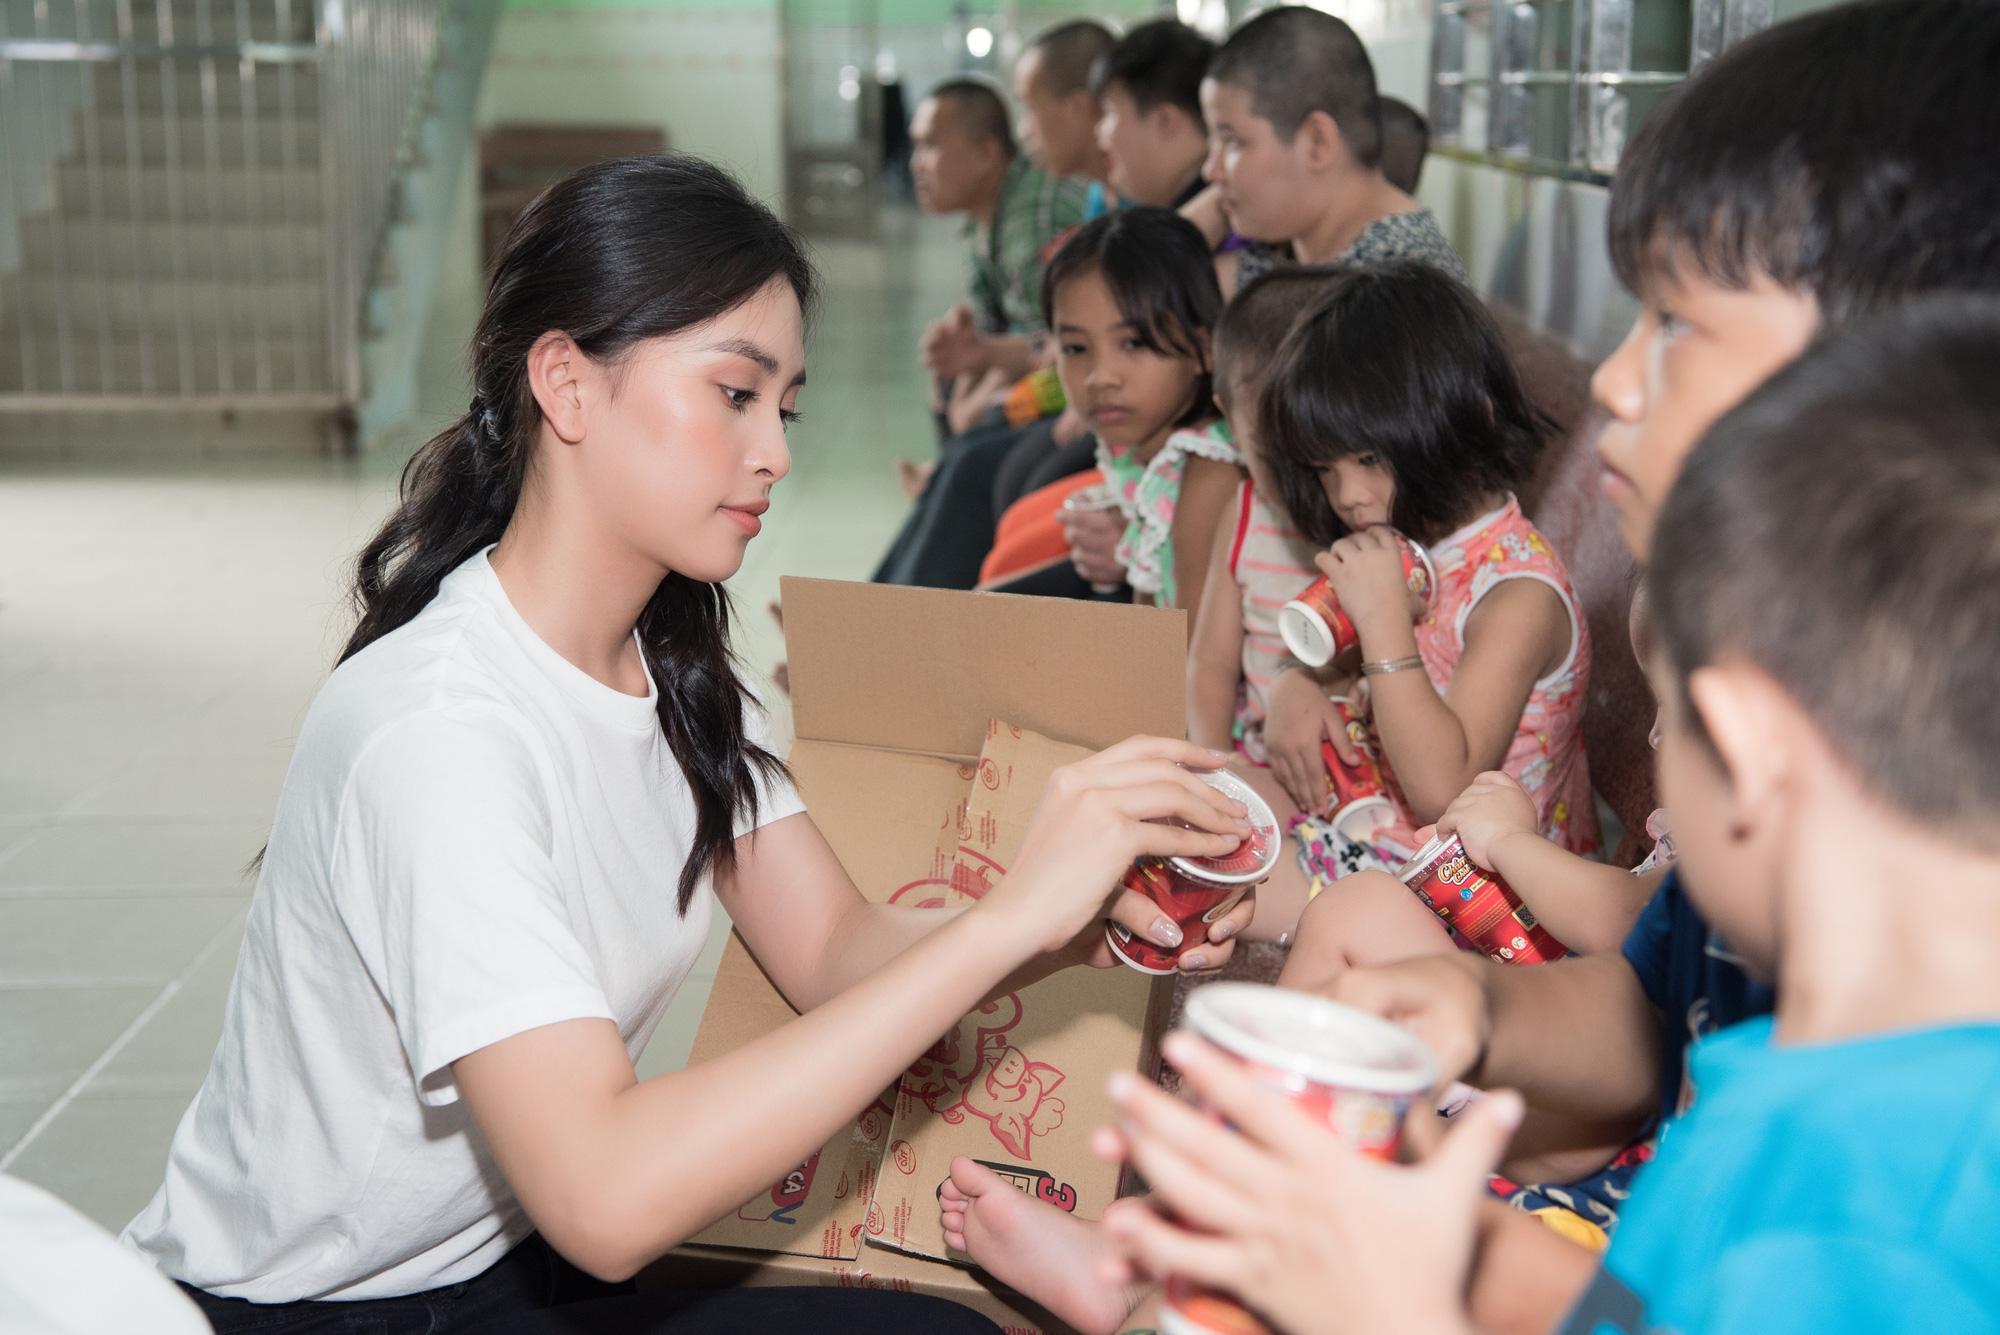 Lương Thuỳ Linh, Trần Tiểu Vy mặc giản dị xinh đẹp tặng quà cho trẻ em mồ côi ngày Quốc tế Thiếu nhi - Ảnh 4.